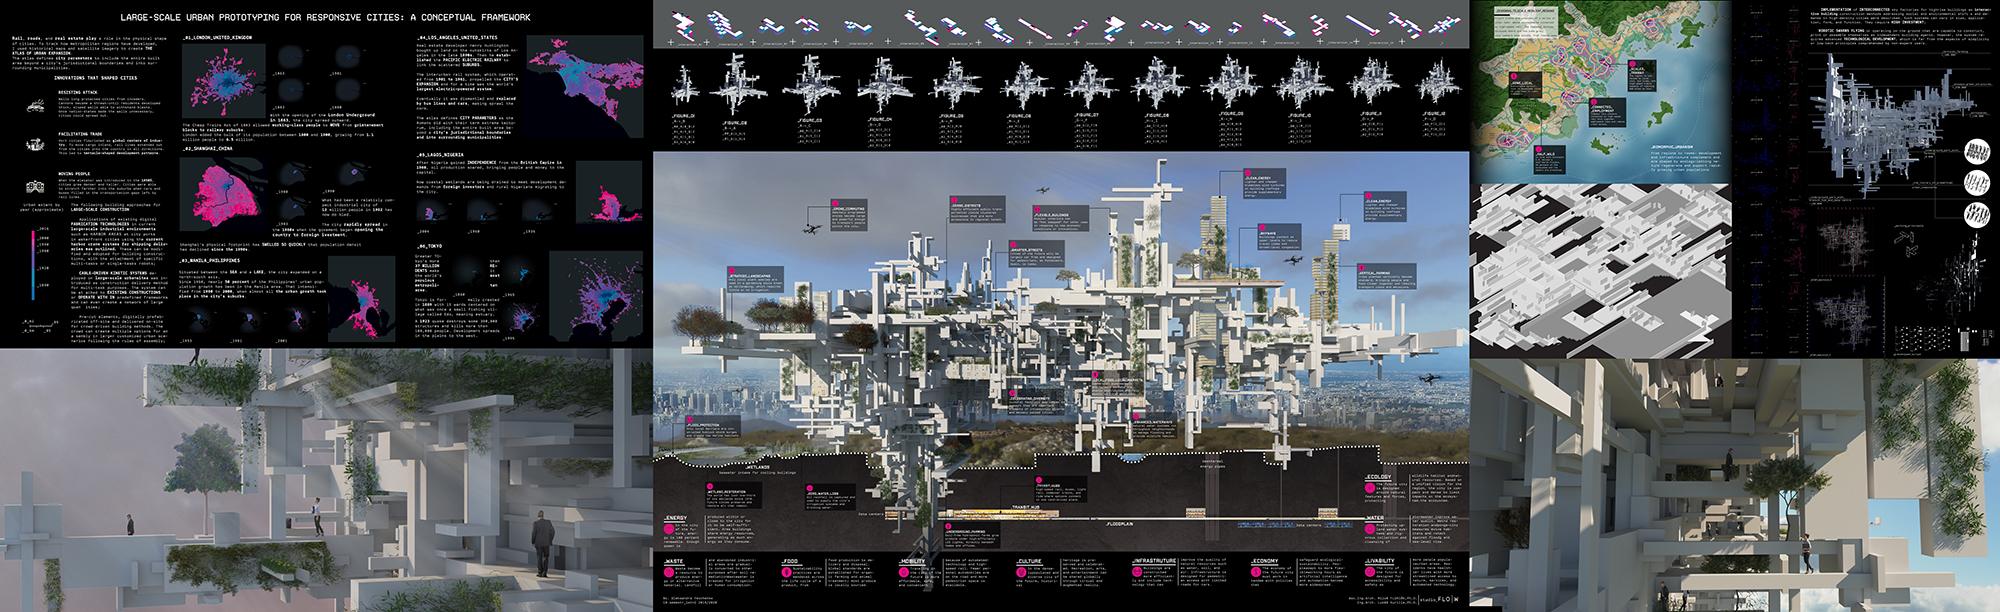 Bc. Oleksandra Yevchenko   Velkoměřítkové městské prototypování pro města: Konceptualní struktura